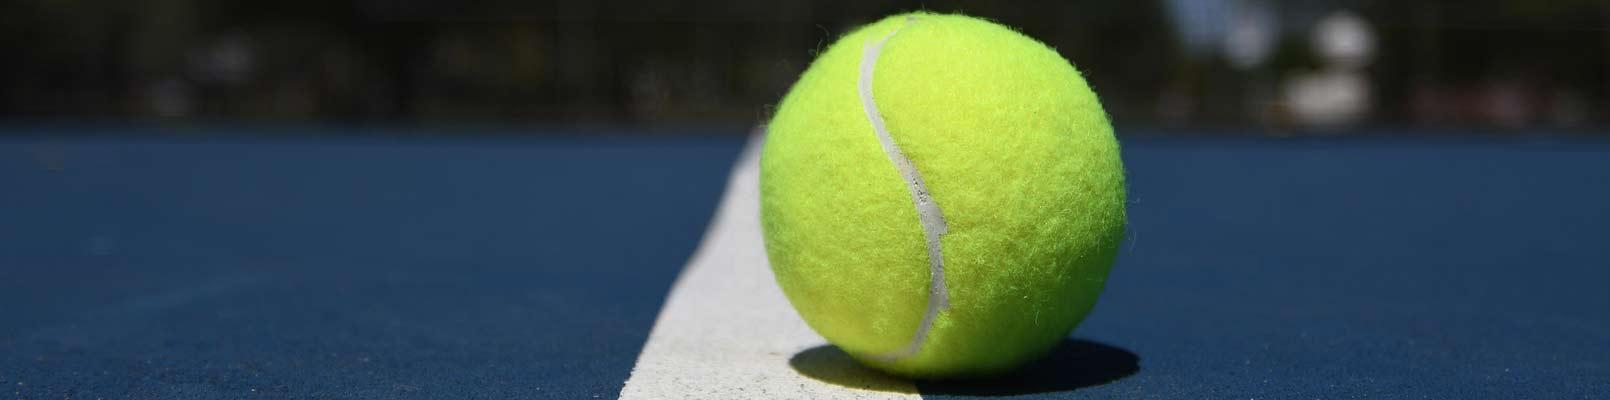 antepost cote pariuri tenis us open 2020